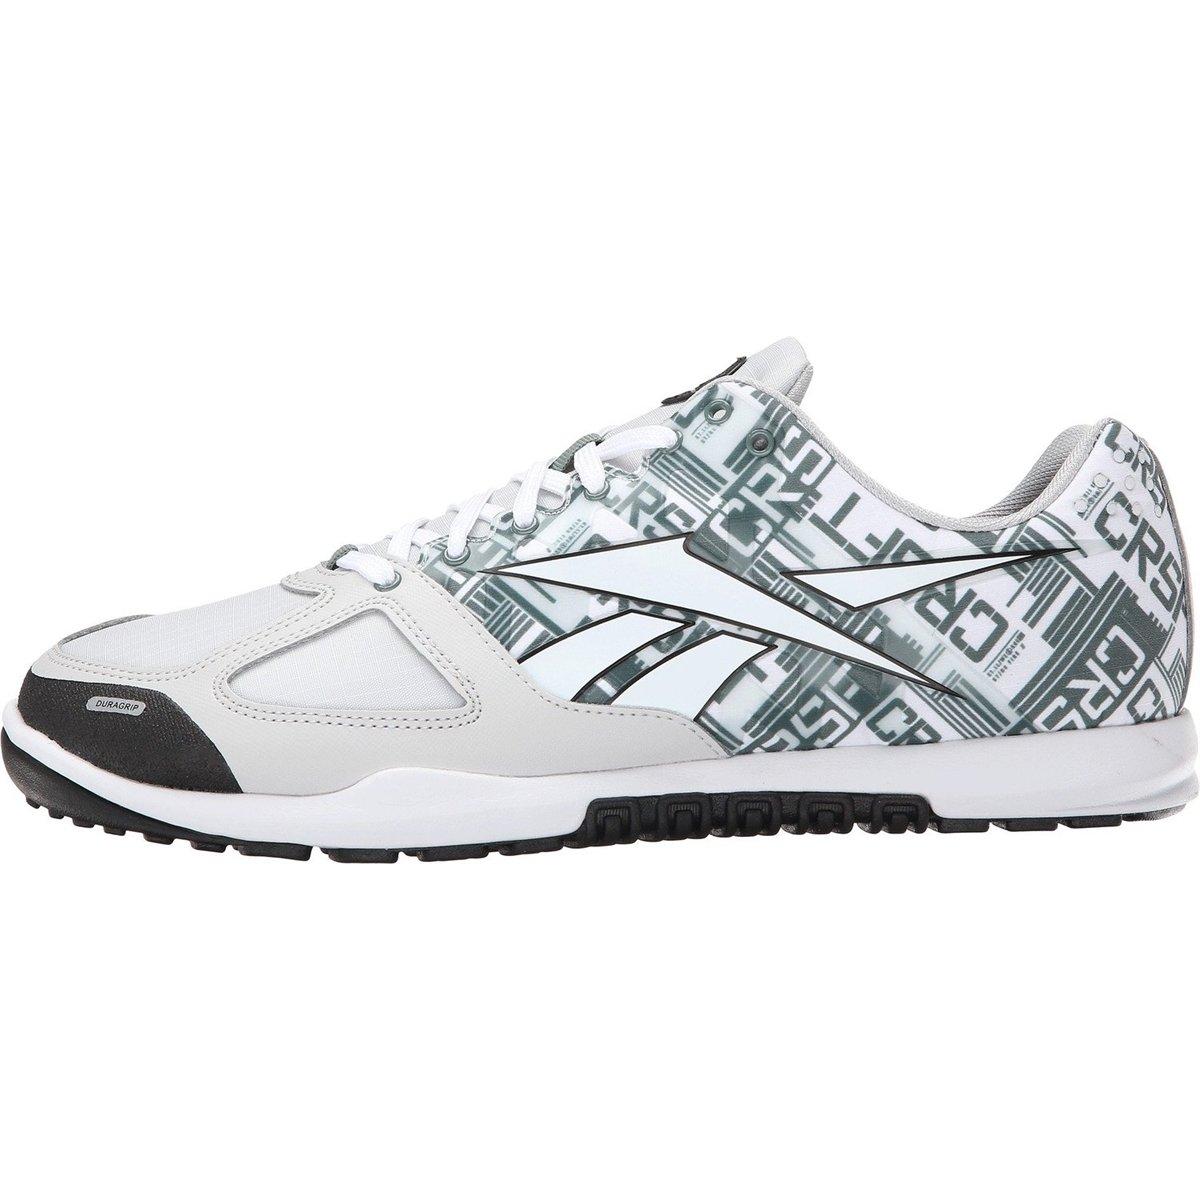 Reebok Crossfit Nano 2.0 Tgh para hombre de las zapatillas de deporte: Amazon.es: Zapatos y complementos